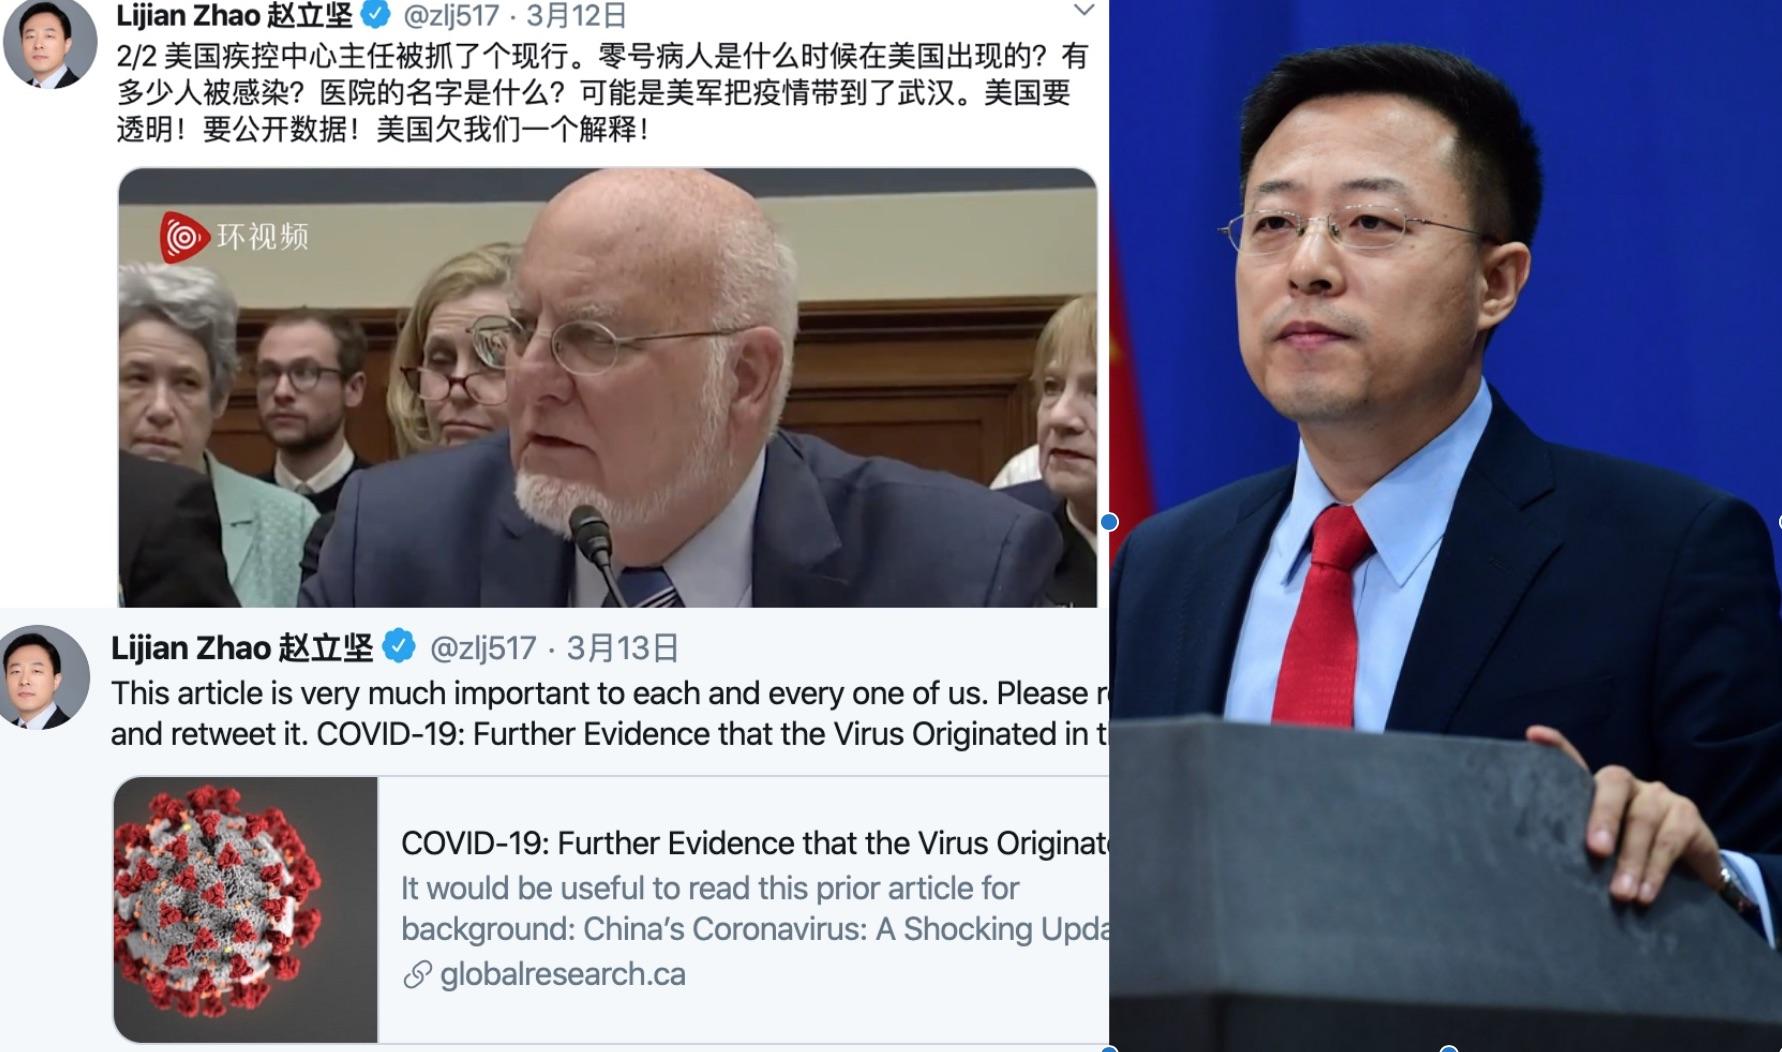 中共外交部發言人趙立堅(右)2020年3月12日連續發5條中英文推文,嫁禍「美軍把疫情帶到武漢」,引起國際社會譁然。(推特截圖)